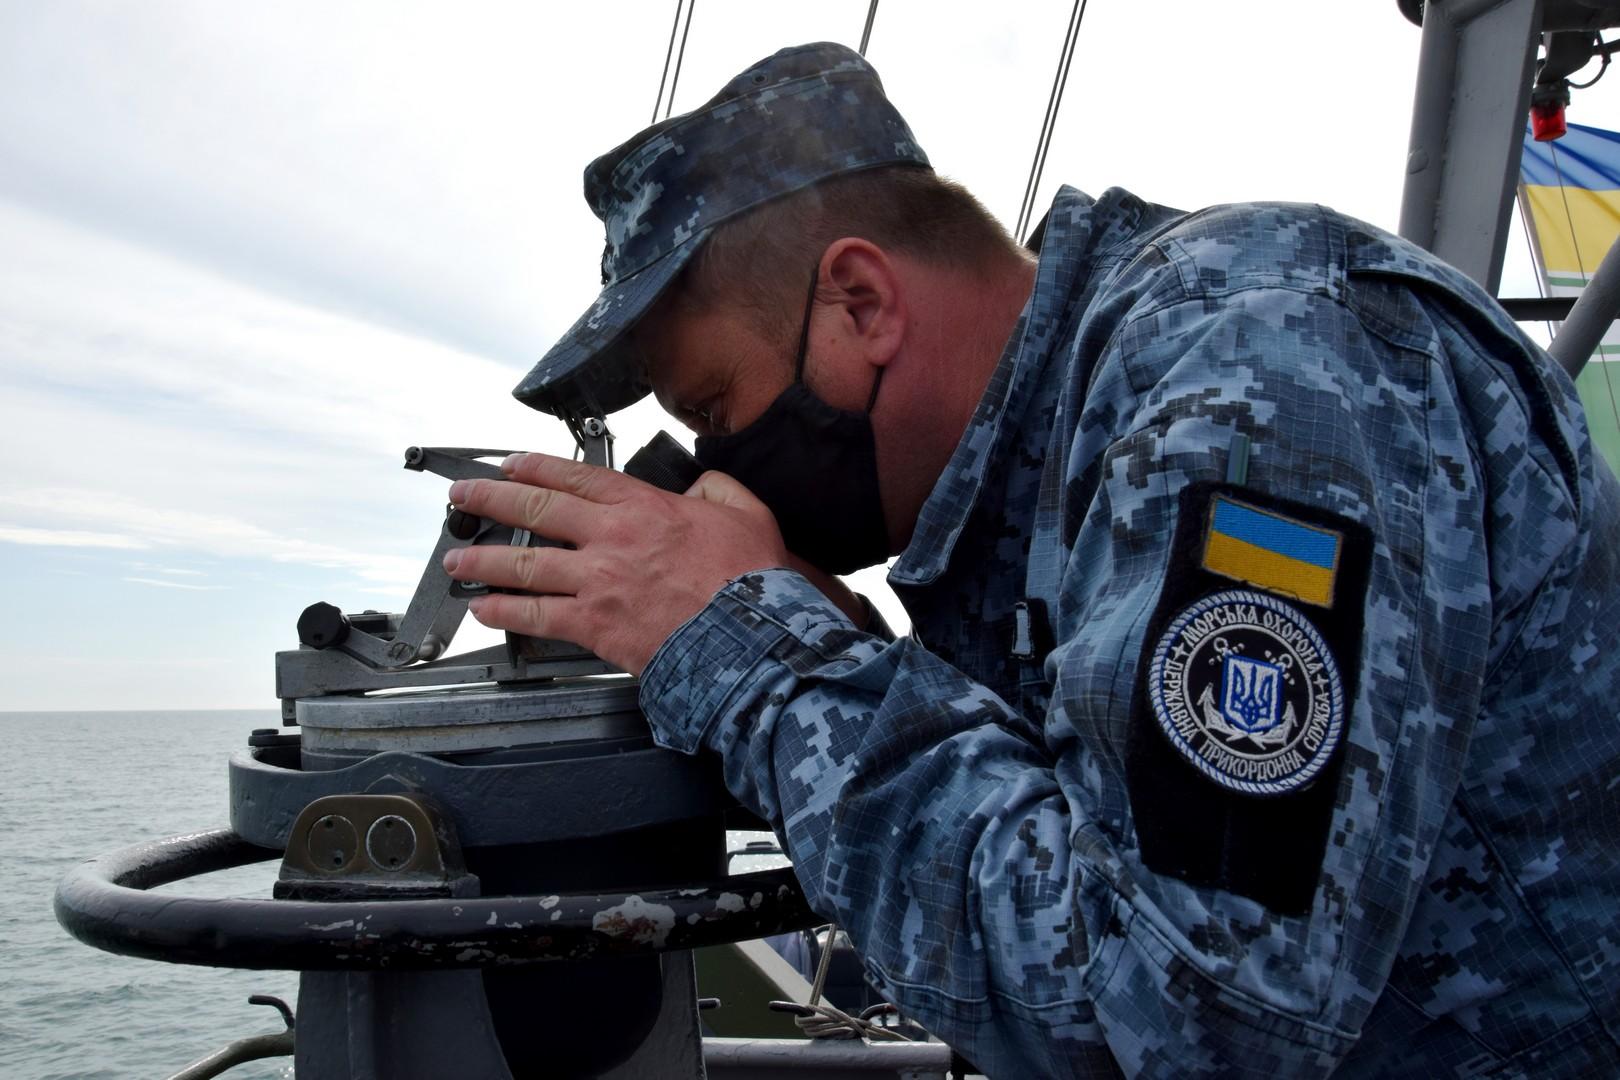 Пограничники провели учения со стрельбами на морском побережье: фото, видео